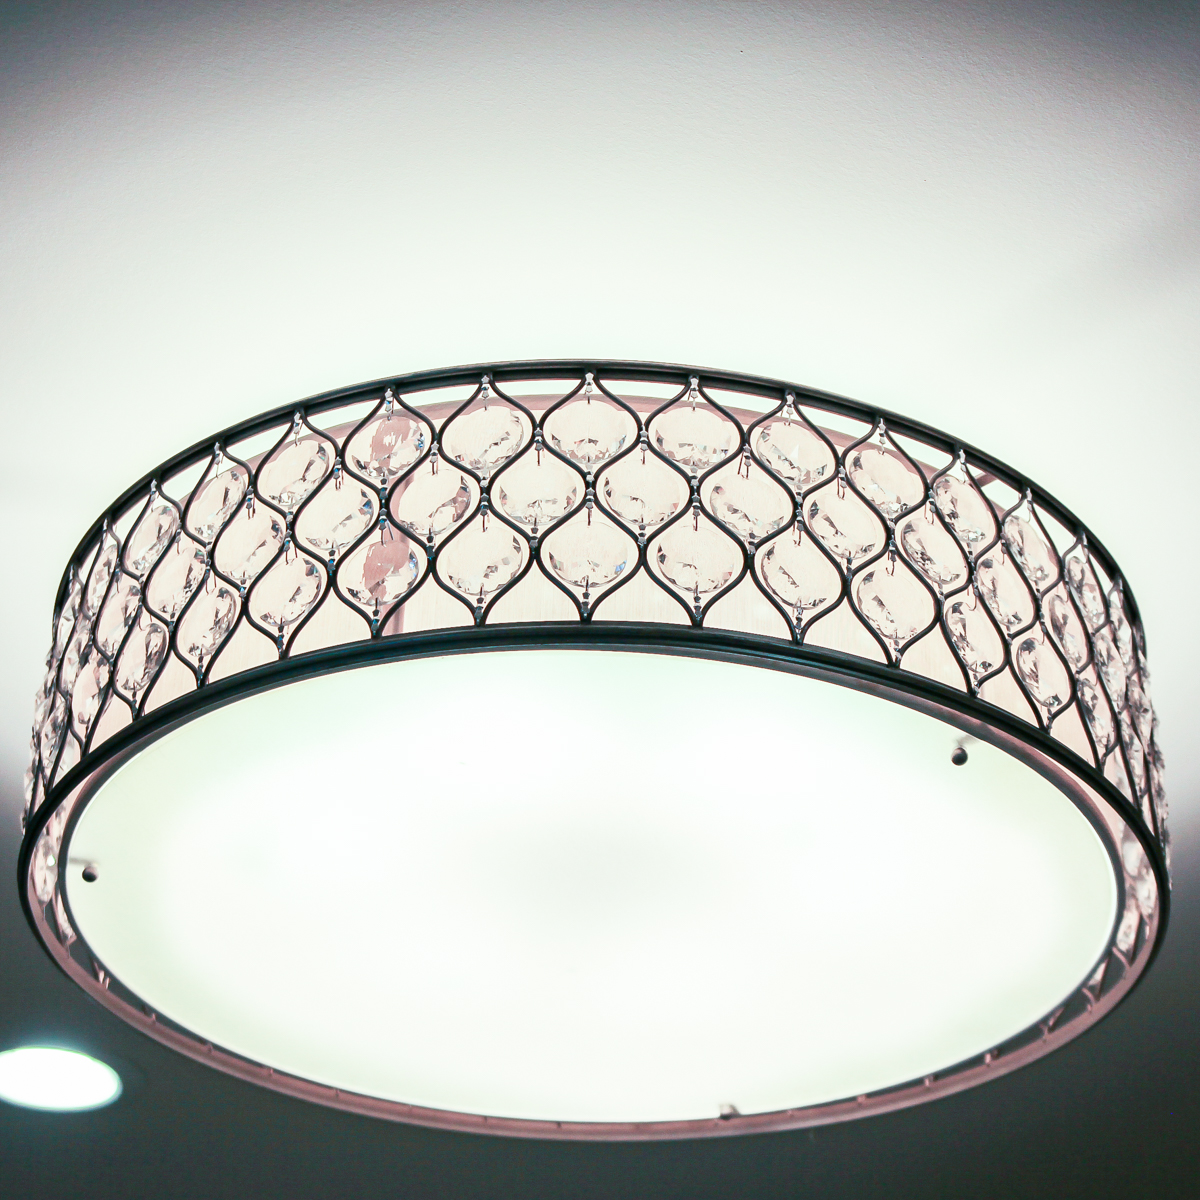 Modern Lighting Fixture Ideas- glass drum